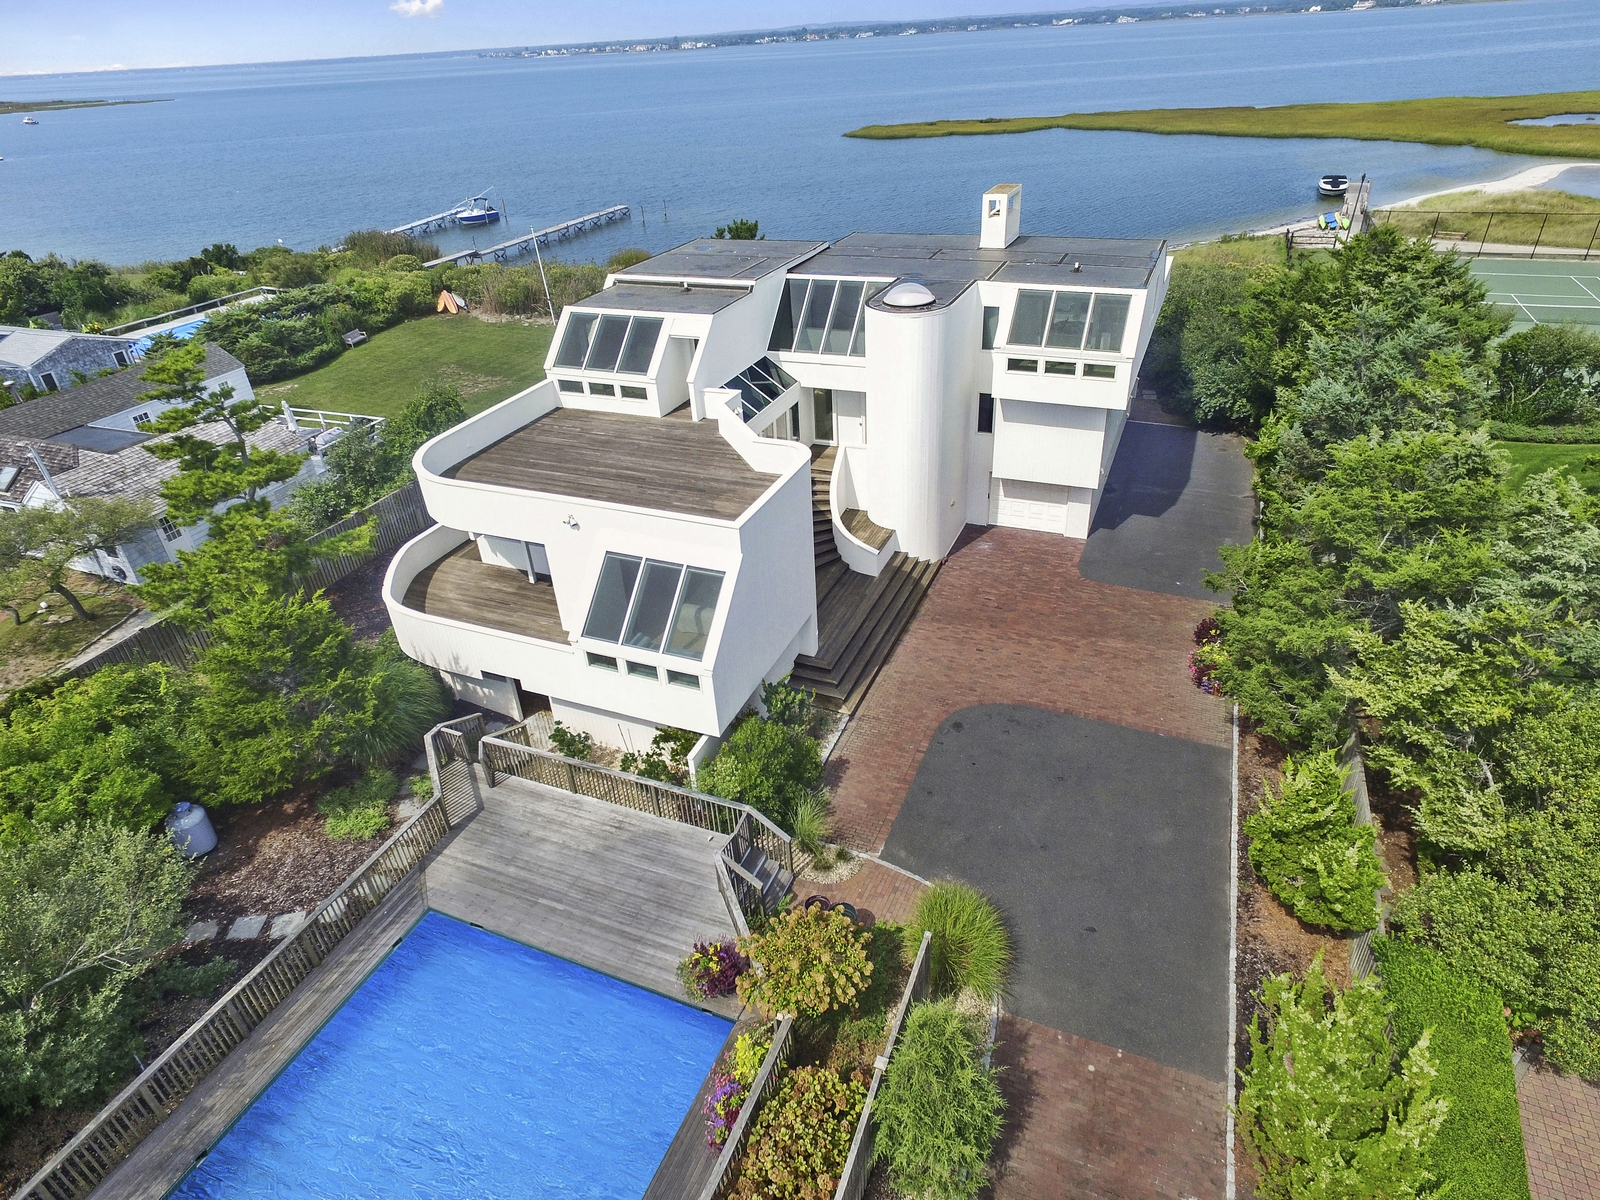 단독 가정 주택 용 매매 에 Intriguing Bayfront Home 482 Dune Road Westhampton Beach, 뉴욕 11978 미국